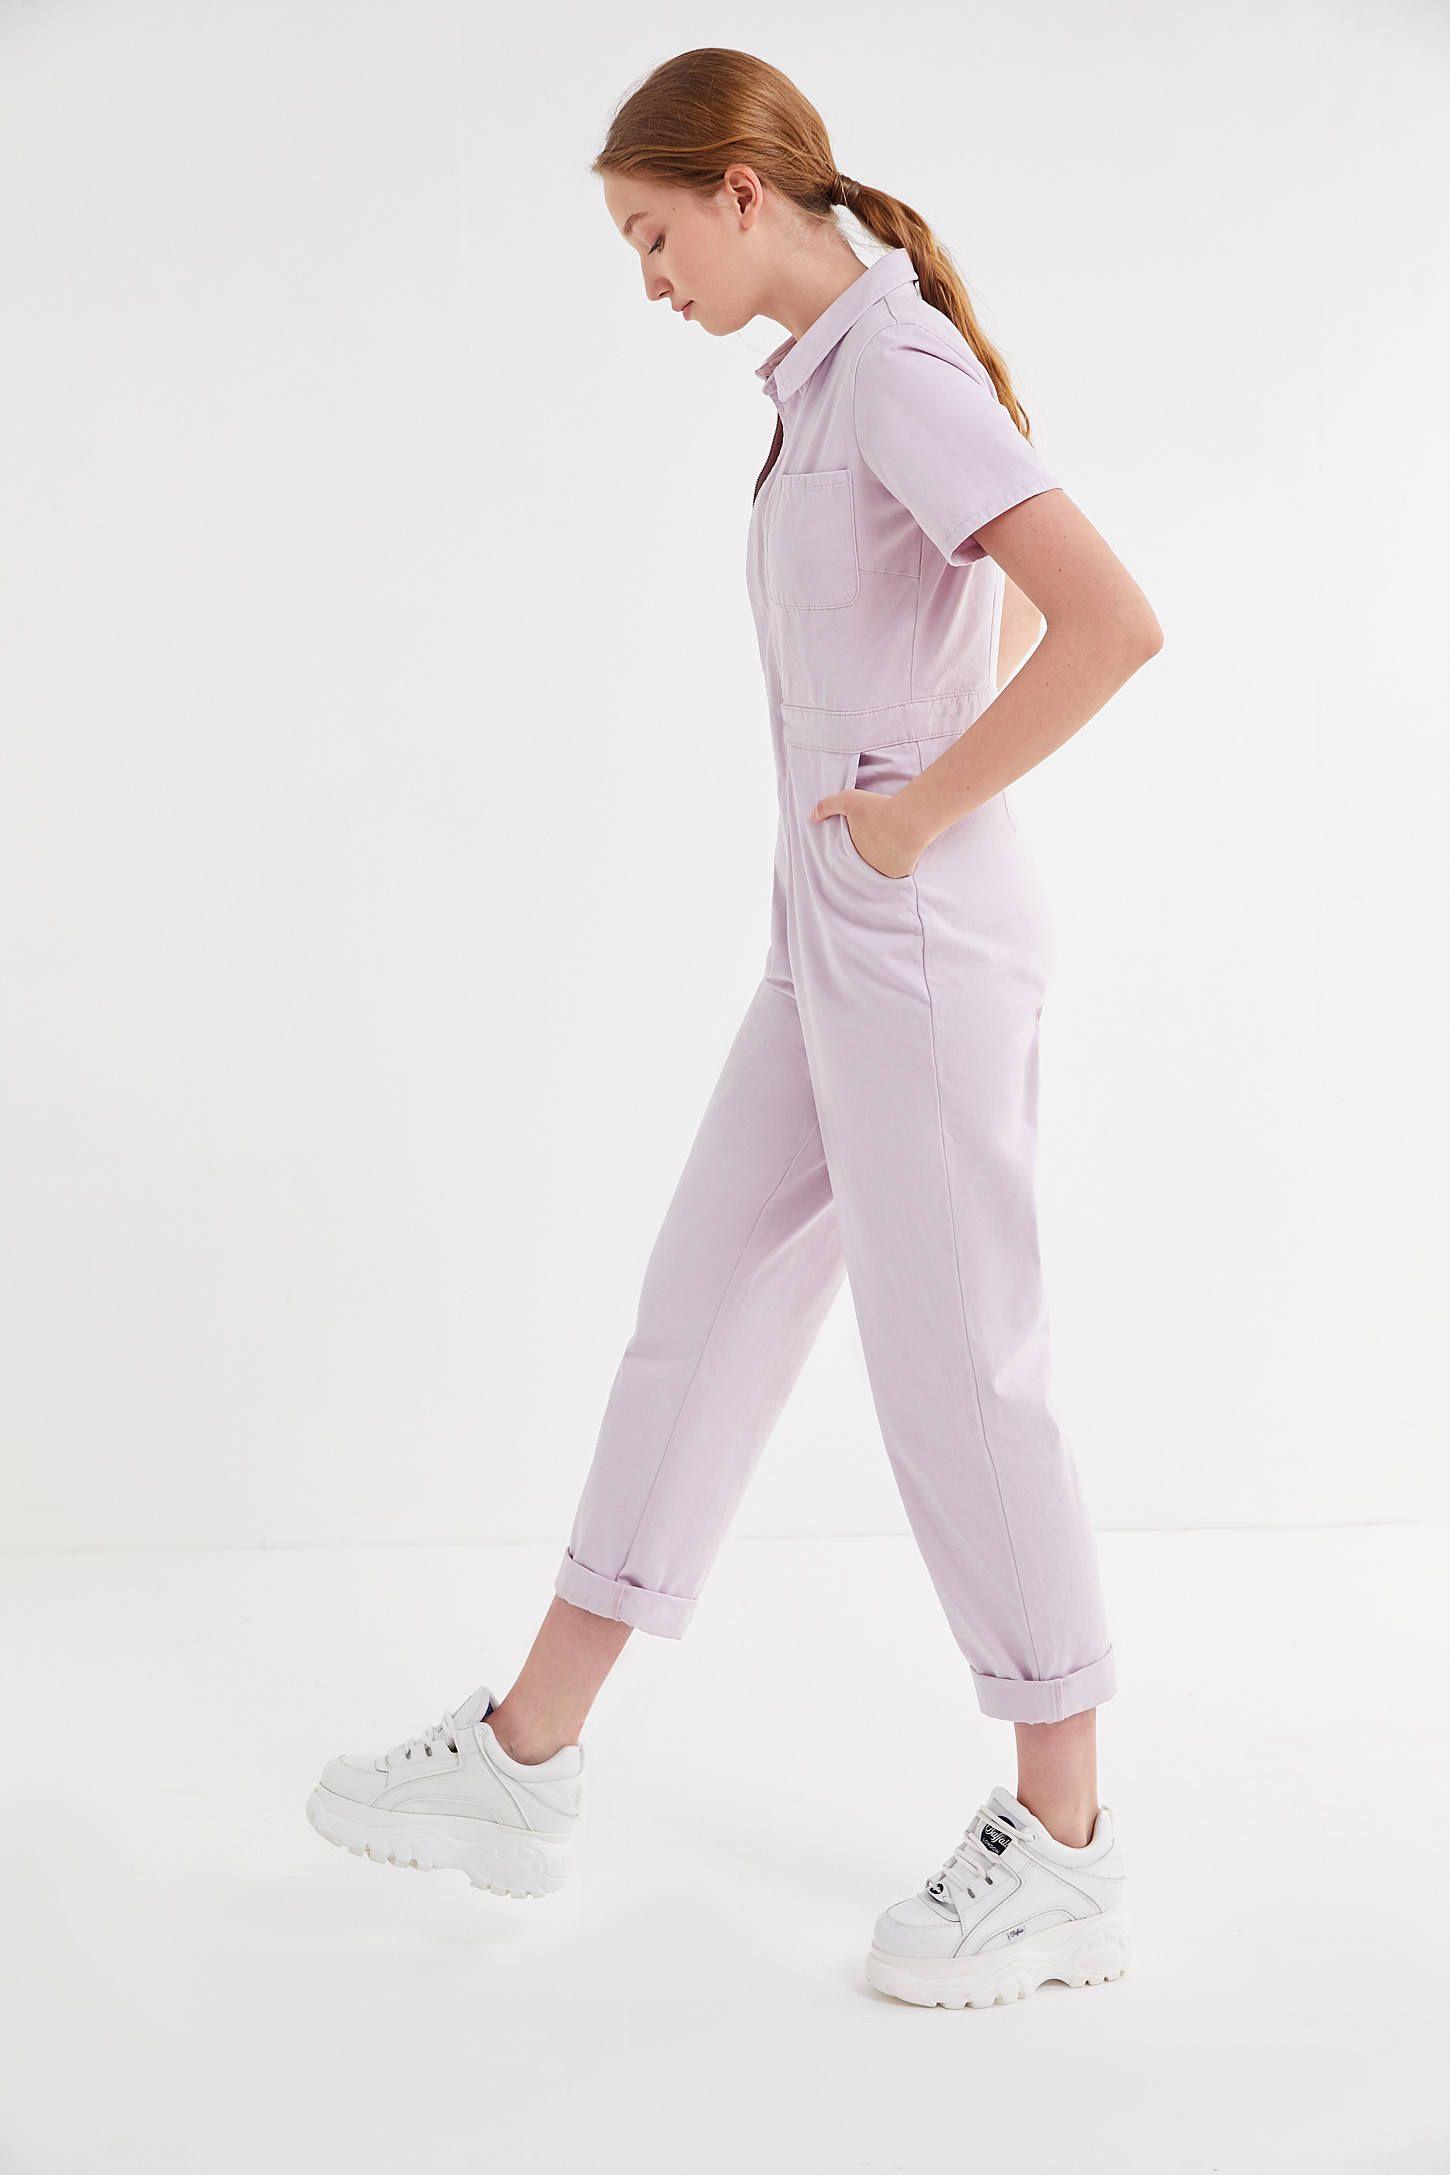 UO Canvas Flight Jumpsuit   Boiler suit, Women, Fashion